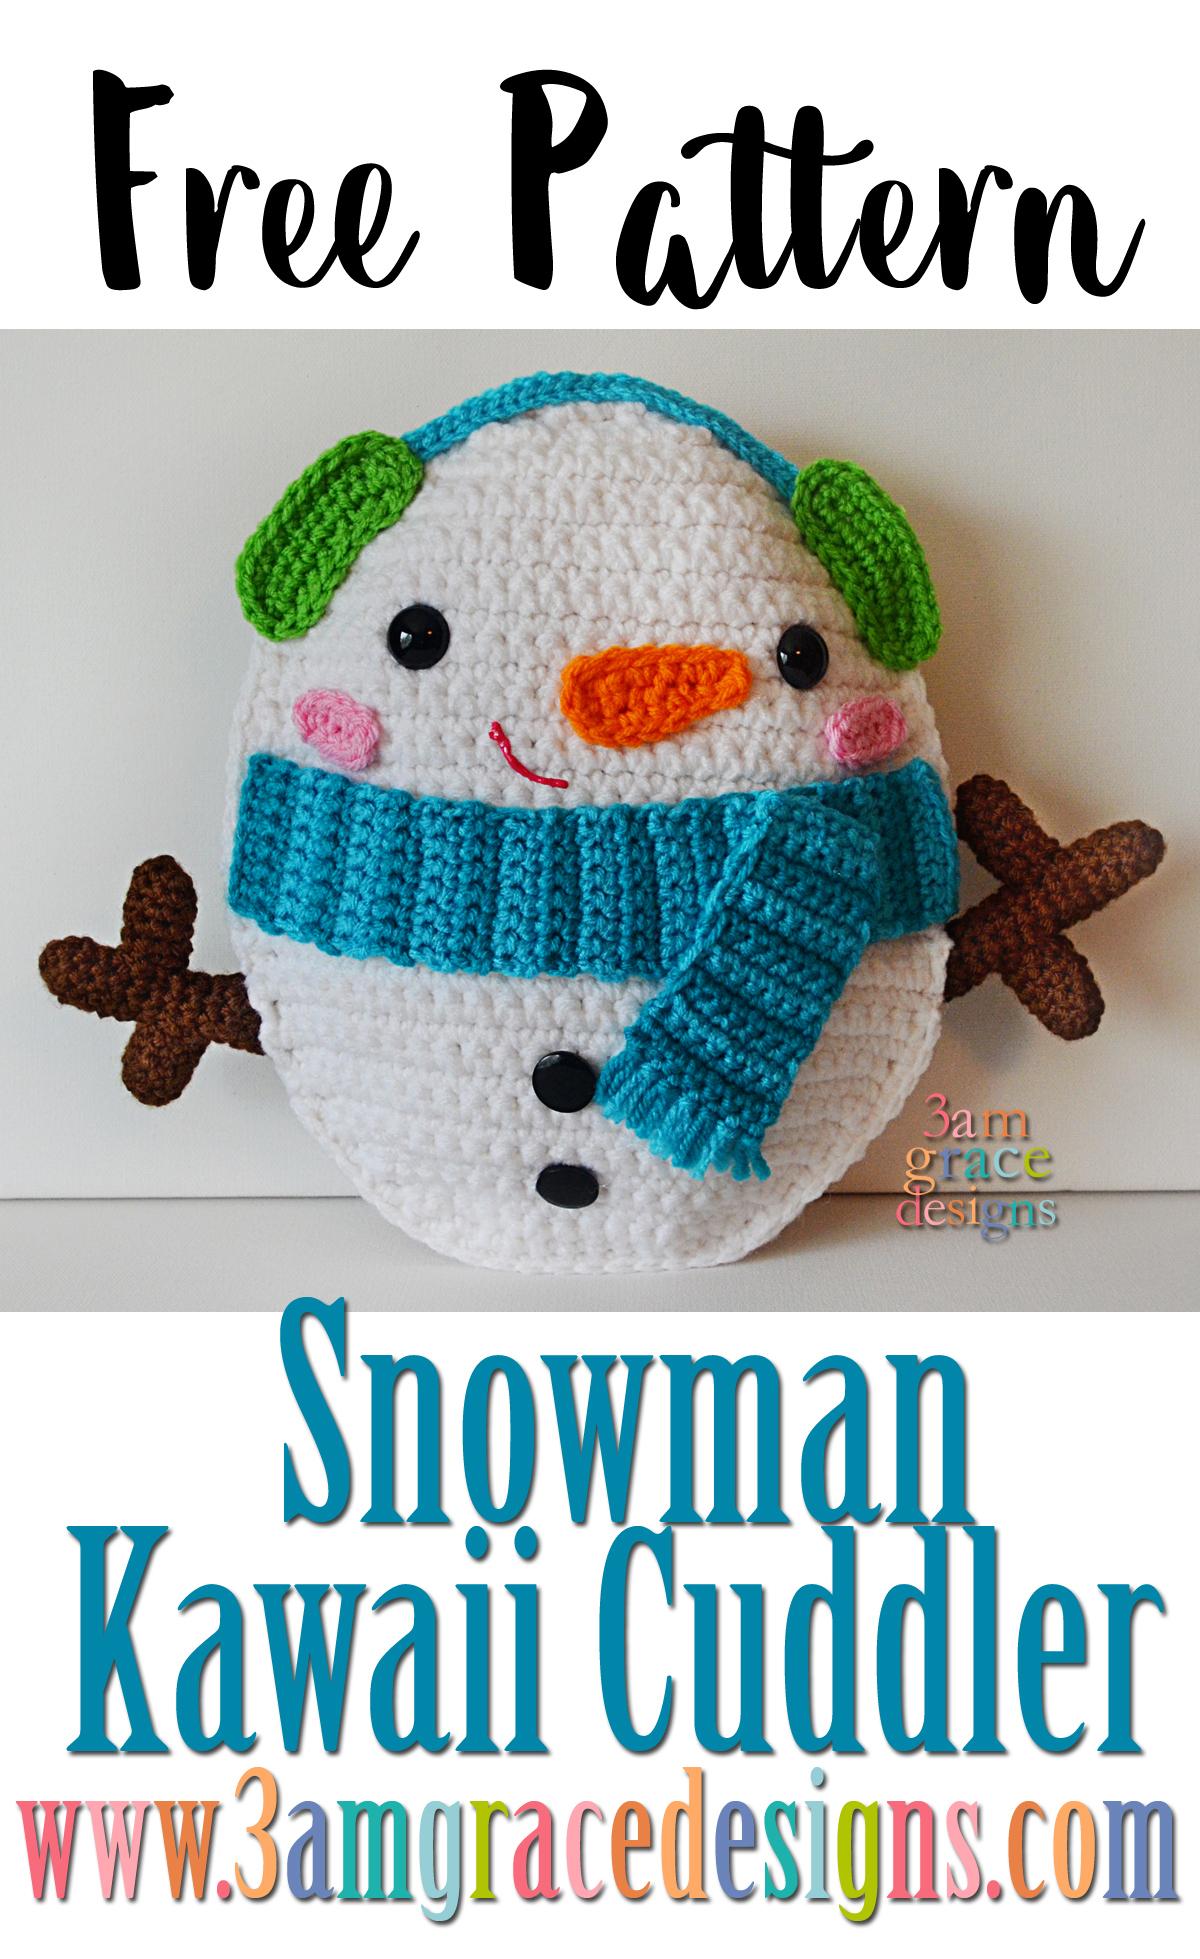 Snowman Kawaii Cuddler Free Crochet Pattern 3amgracedesigns